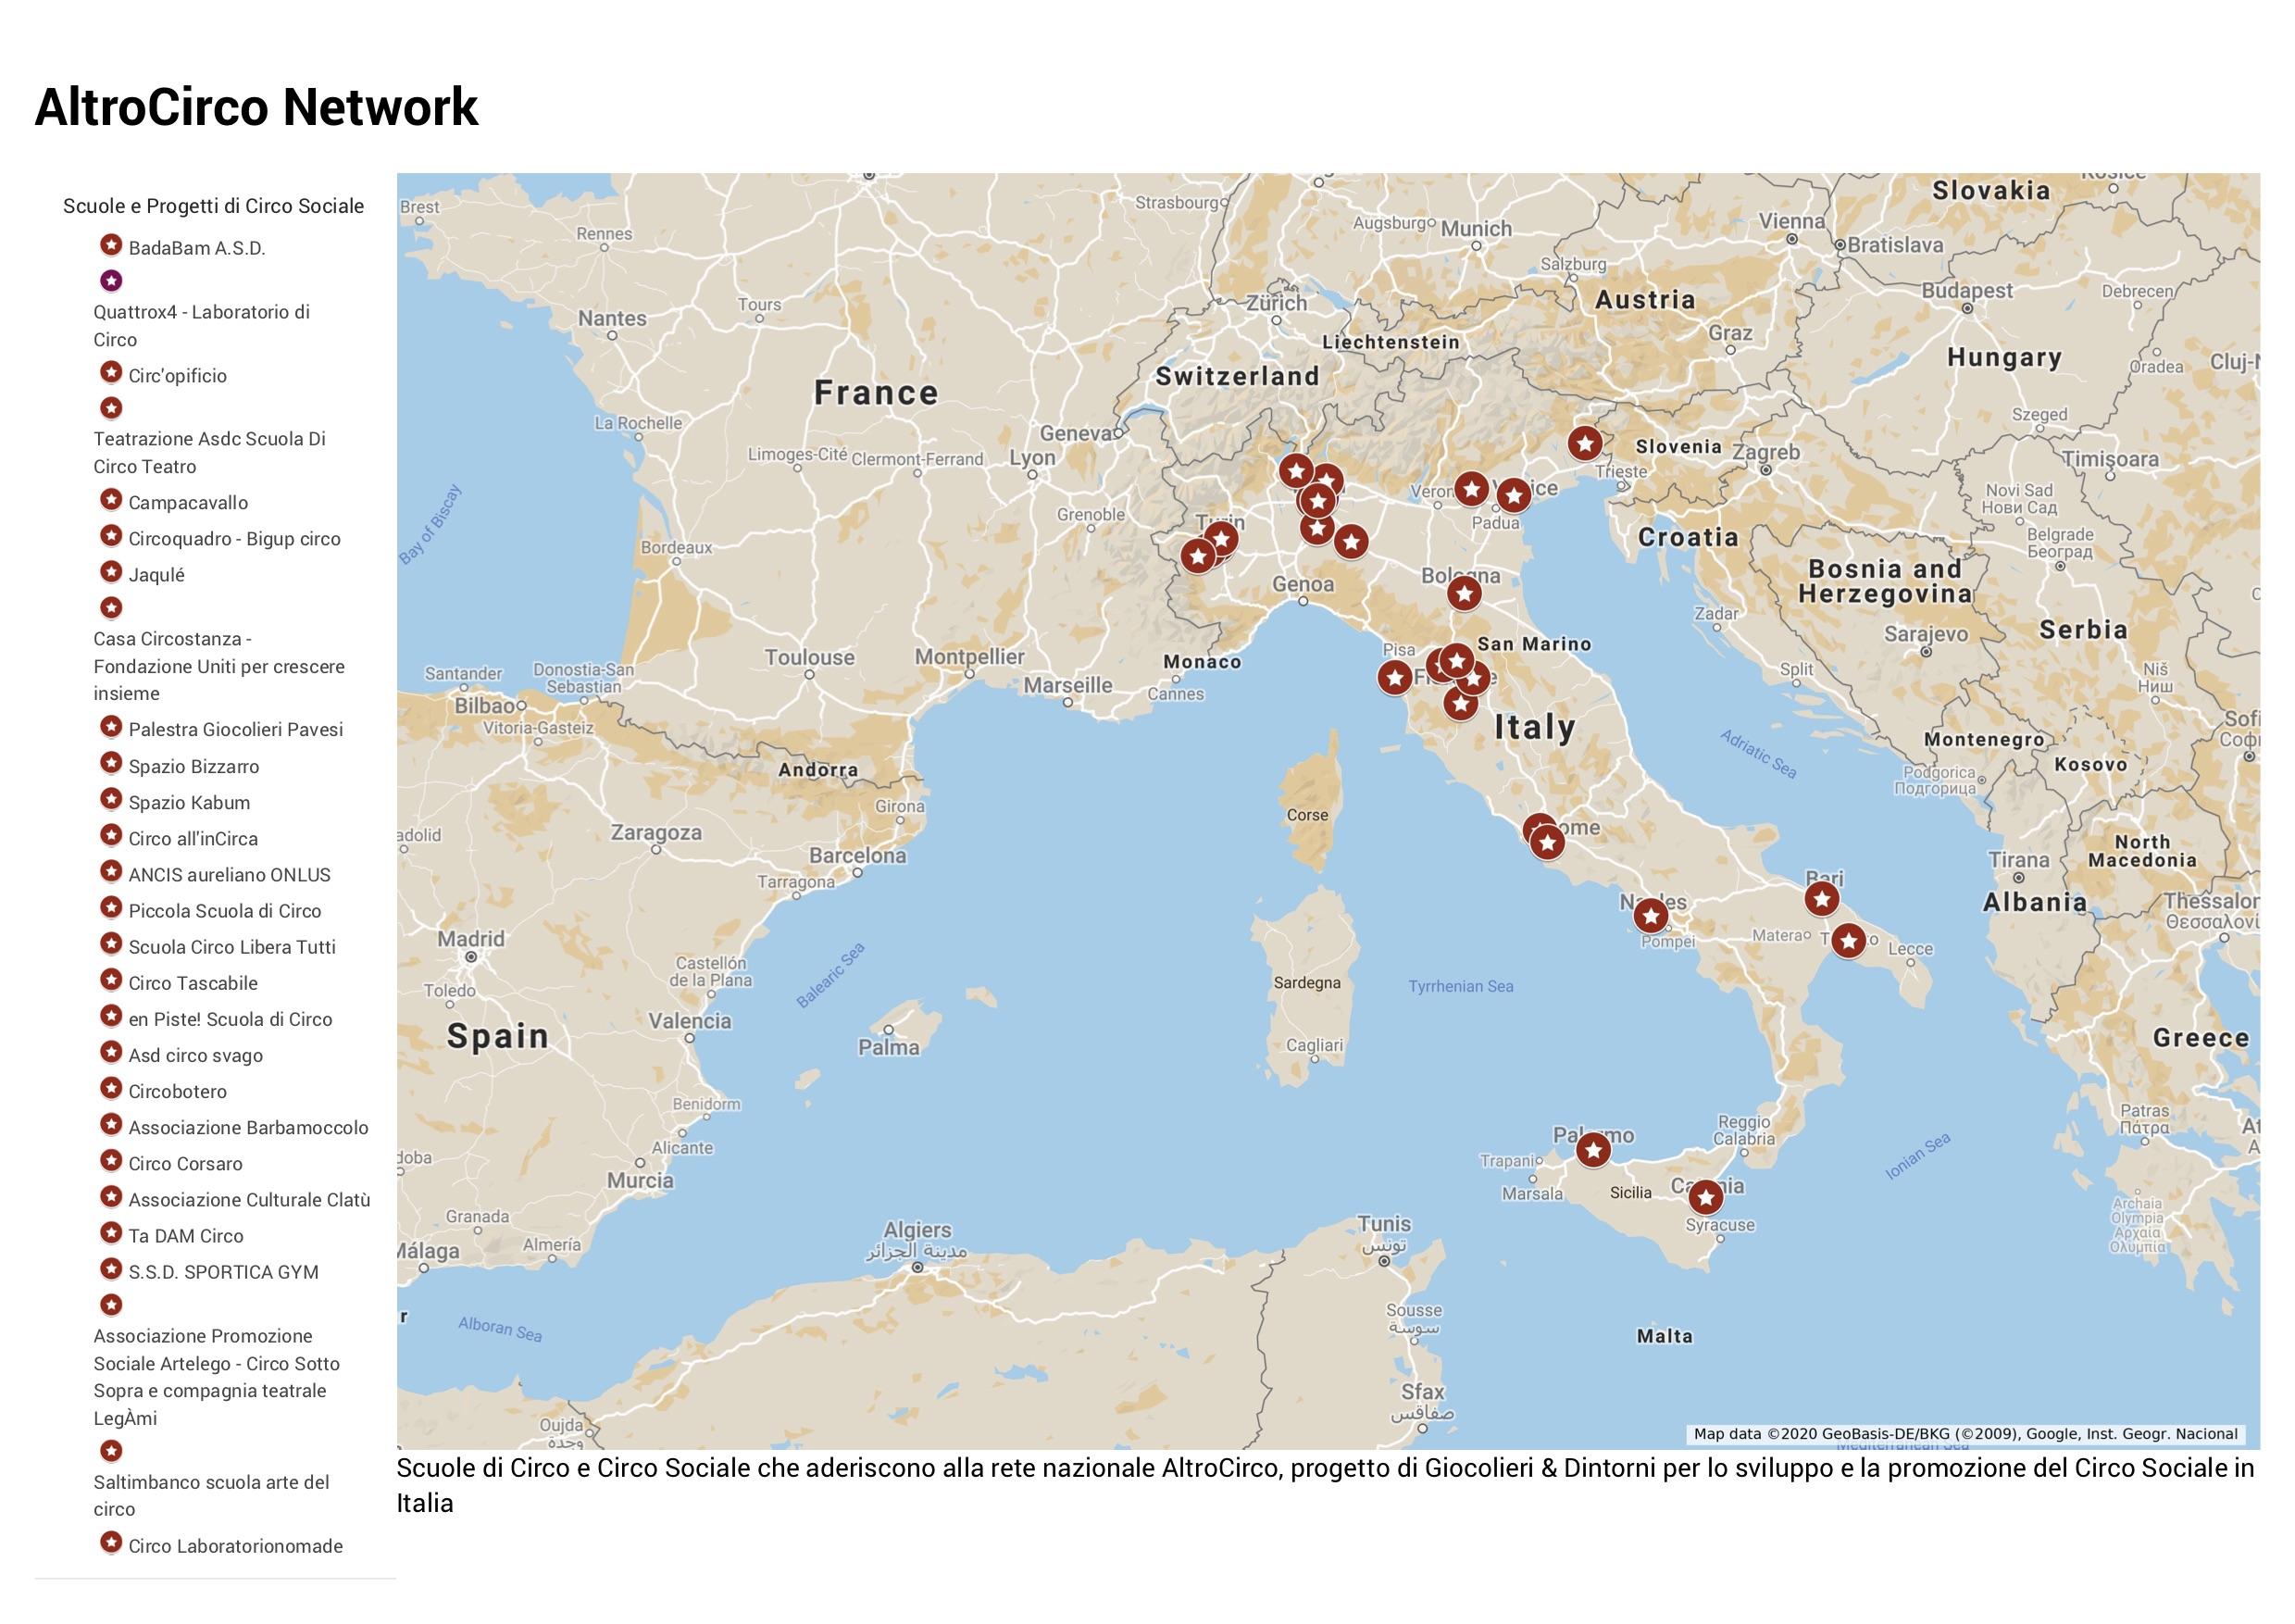 MAPPA NETWORK ITALIA